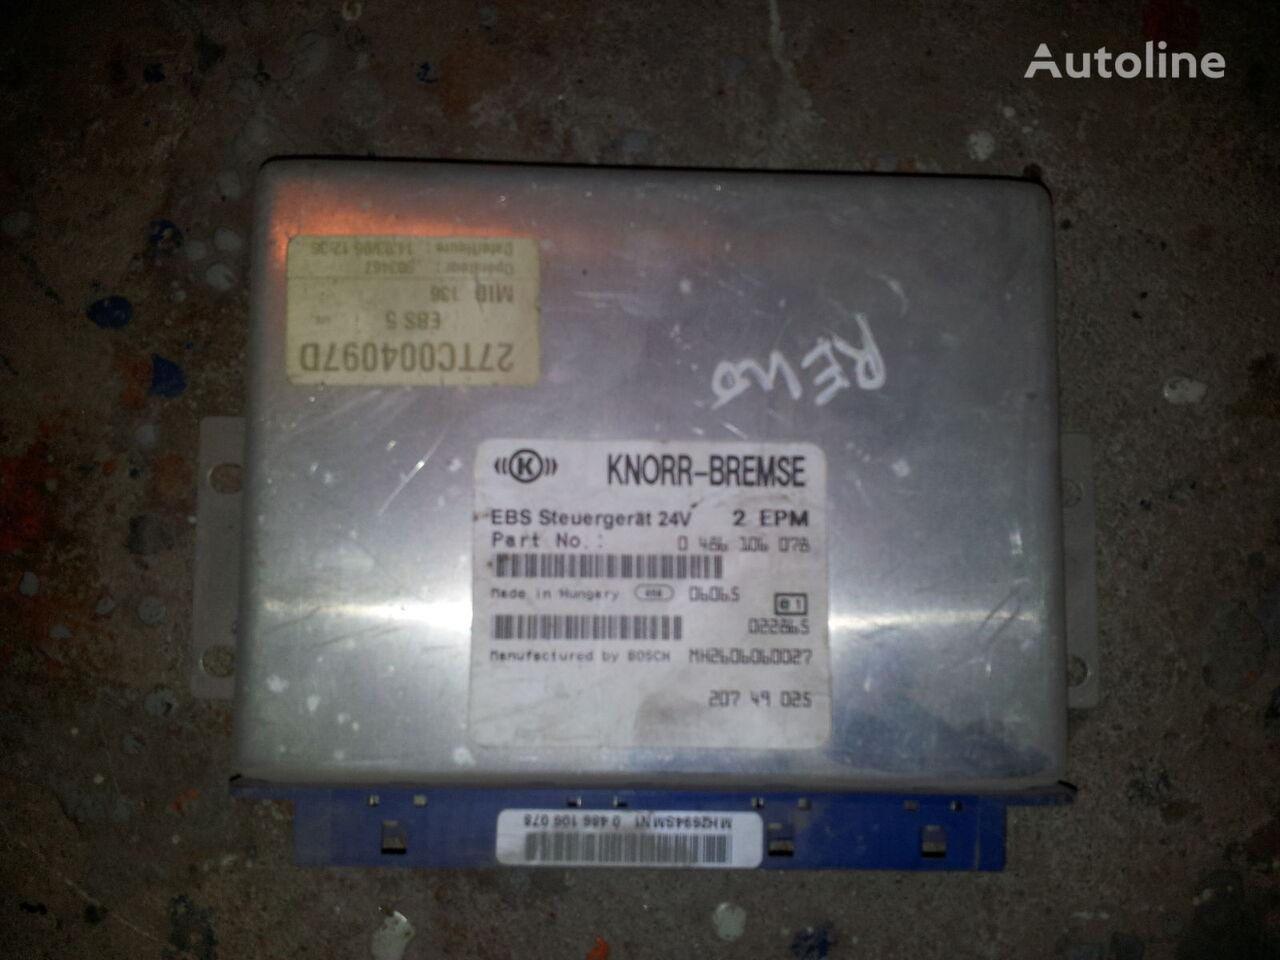 блок управления  Renault DXI MAGNUM, PREMIUM EBS Control unit 20749025, 20895573, 0486106078, 0486106085, 20895576, 85110026, 85129471, 85110025, 20895573 для тягача RENAULT Magnum DXI